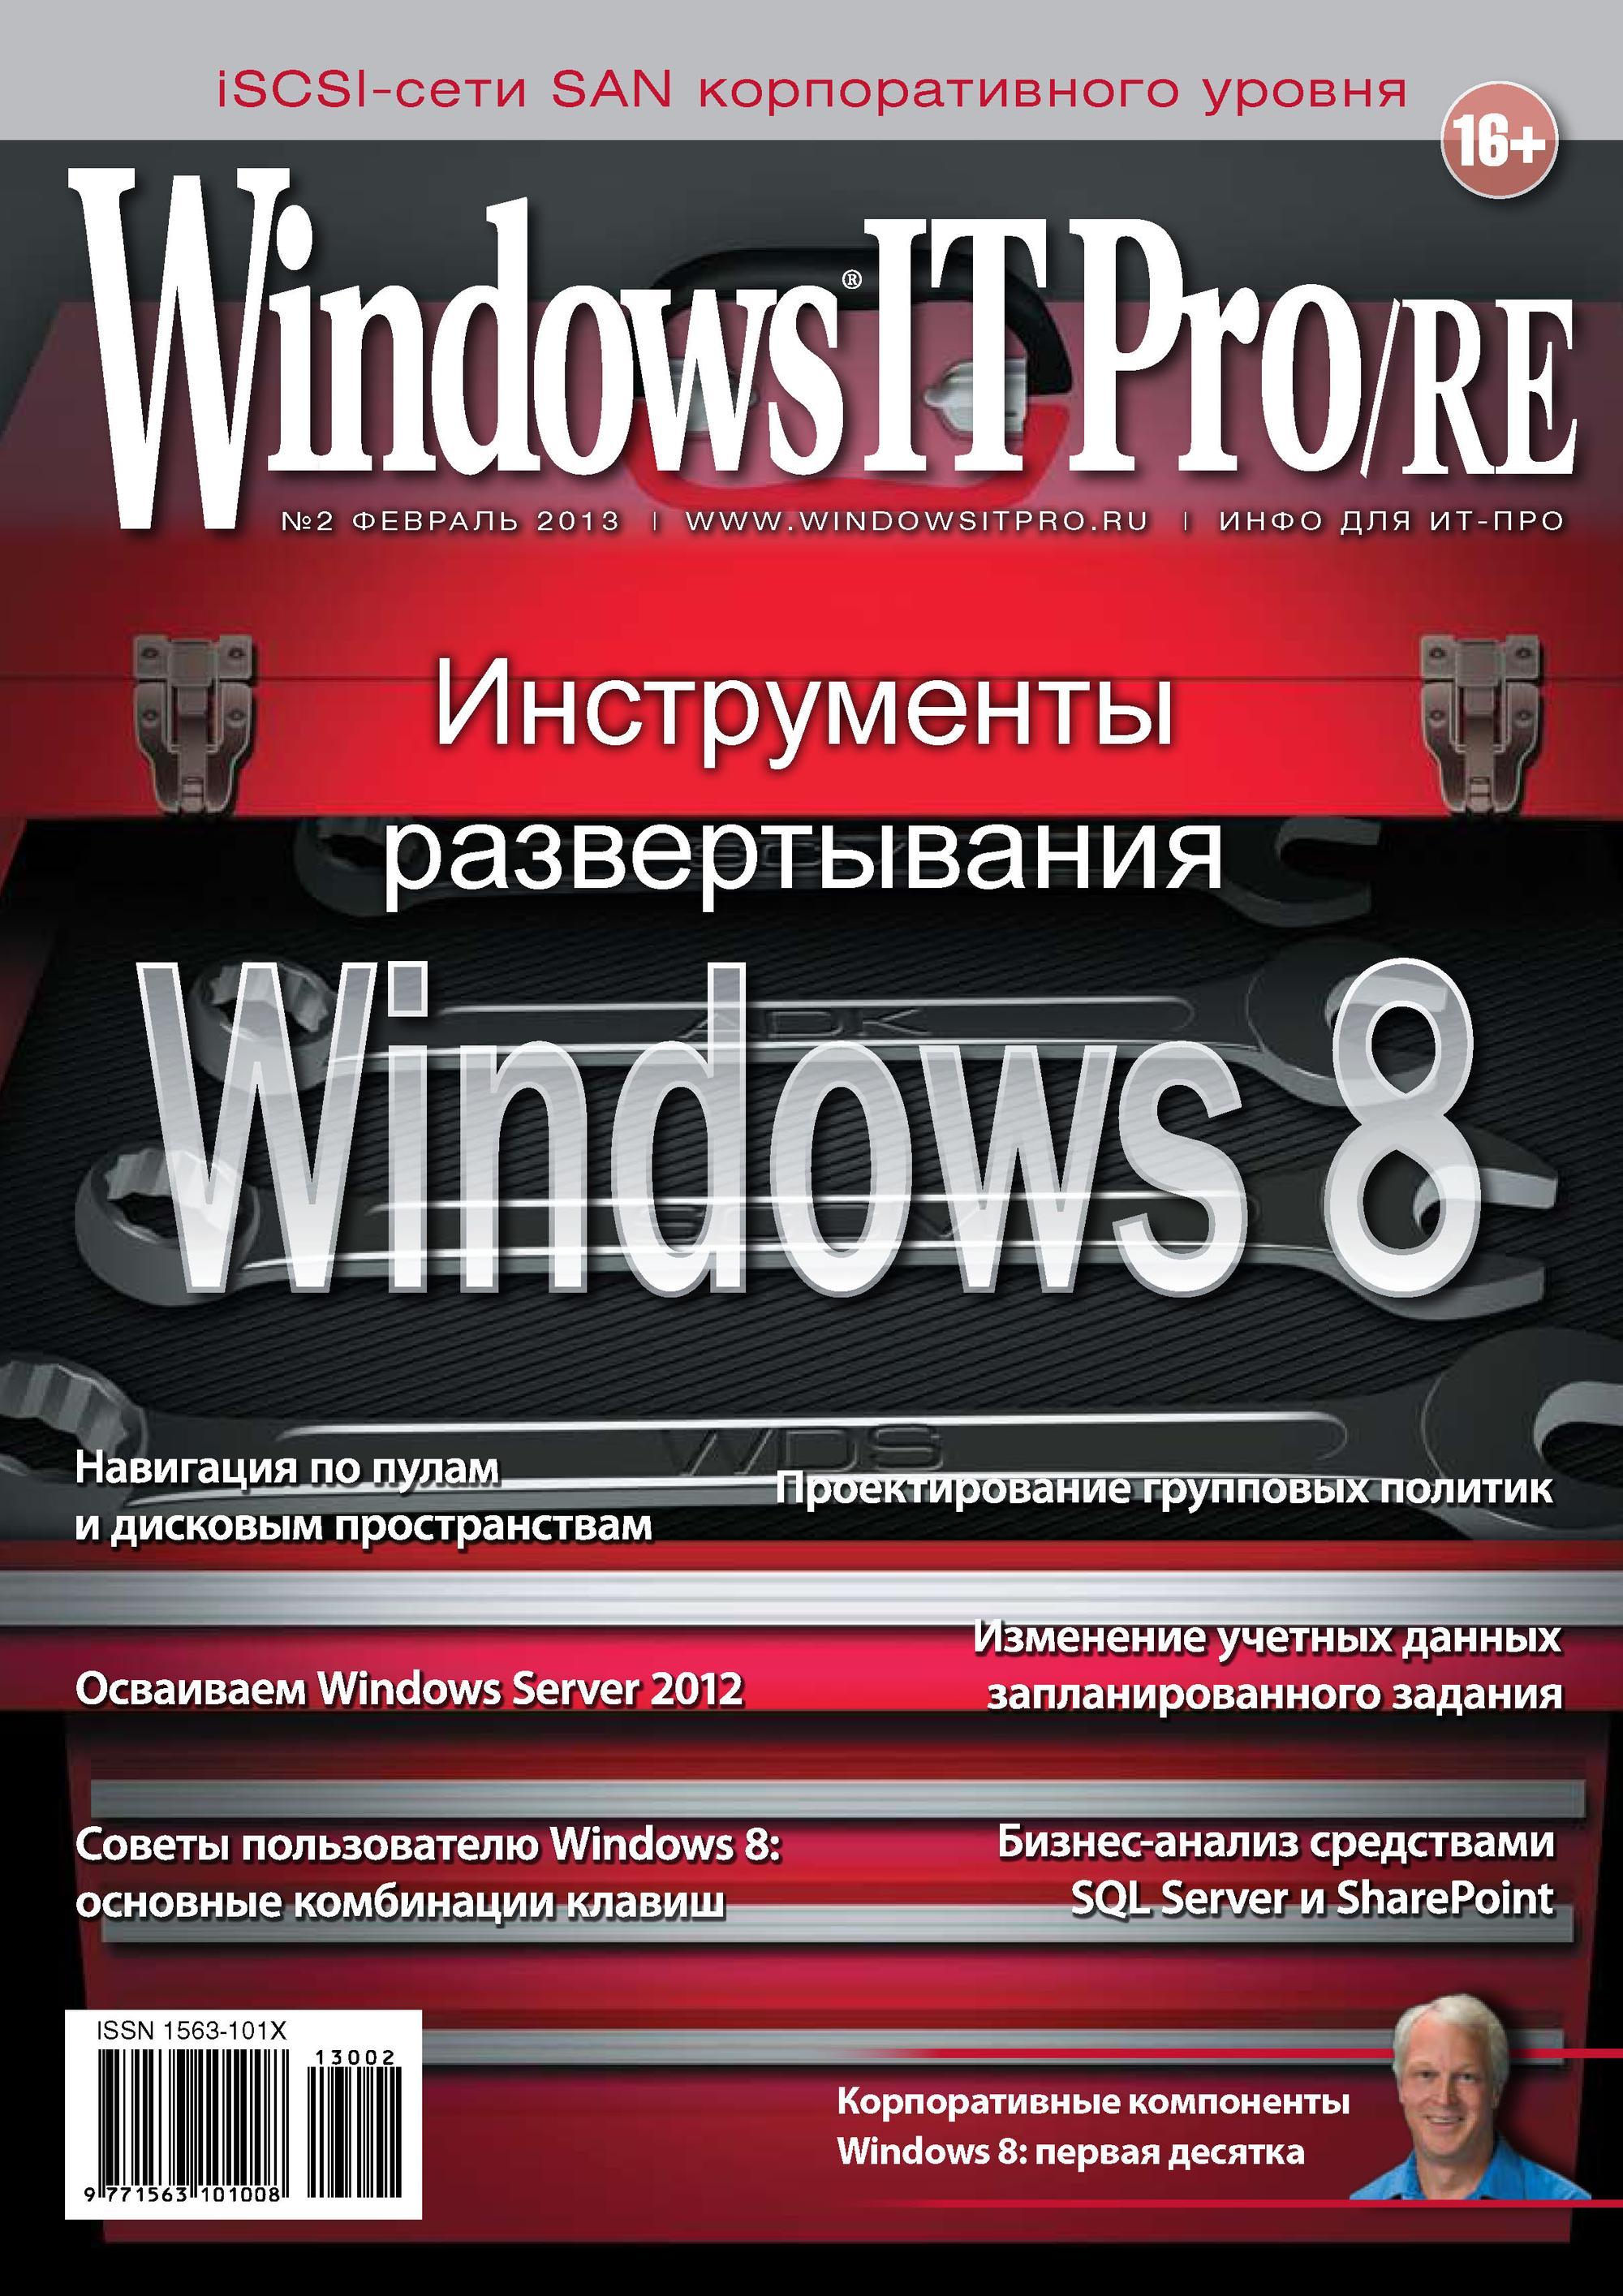 Открытые системы Windows IT Pro/RE №02/2013 леонтьев виталий петрович новейший самоучитель windows 8 1 windows 10